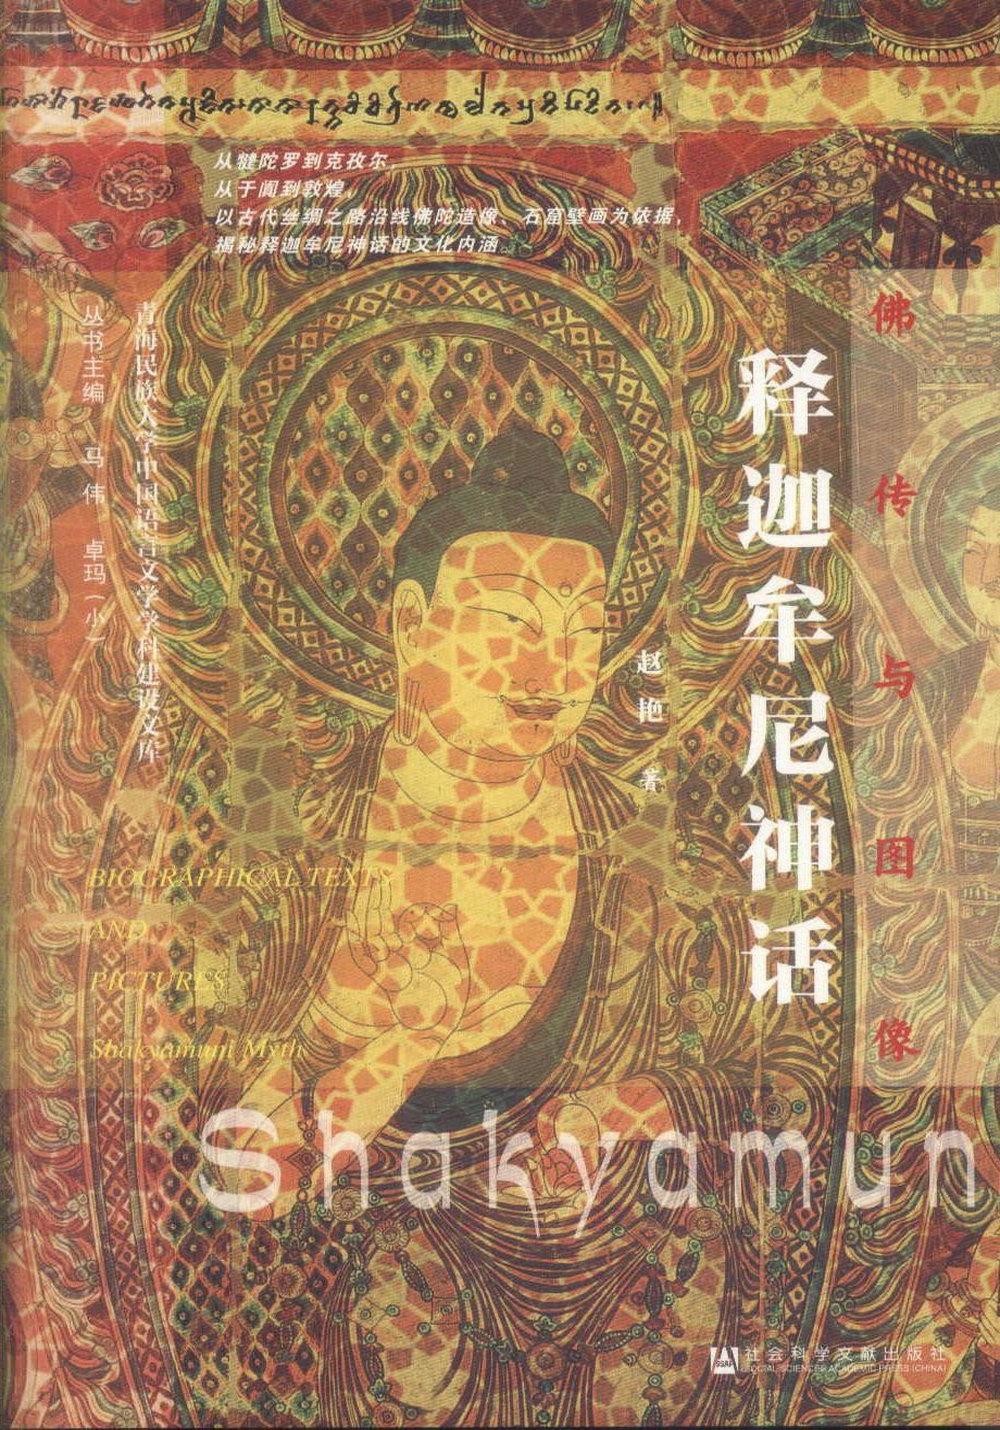 佛傳與圖像:釋迦牟尼神話